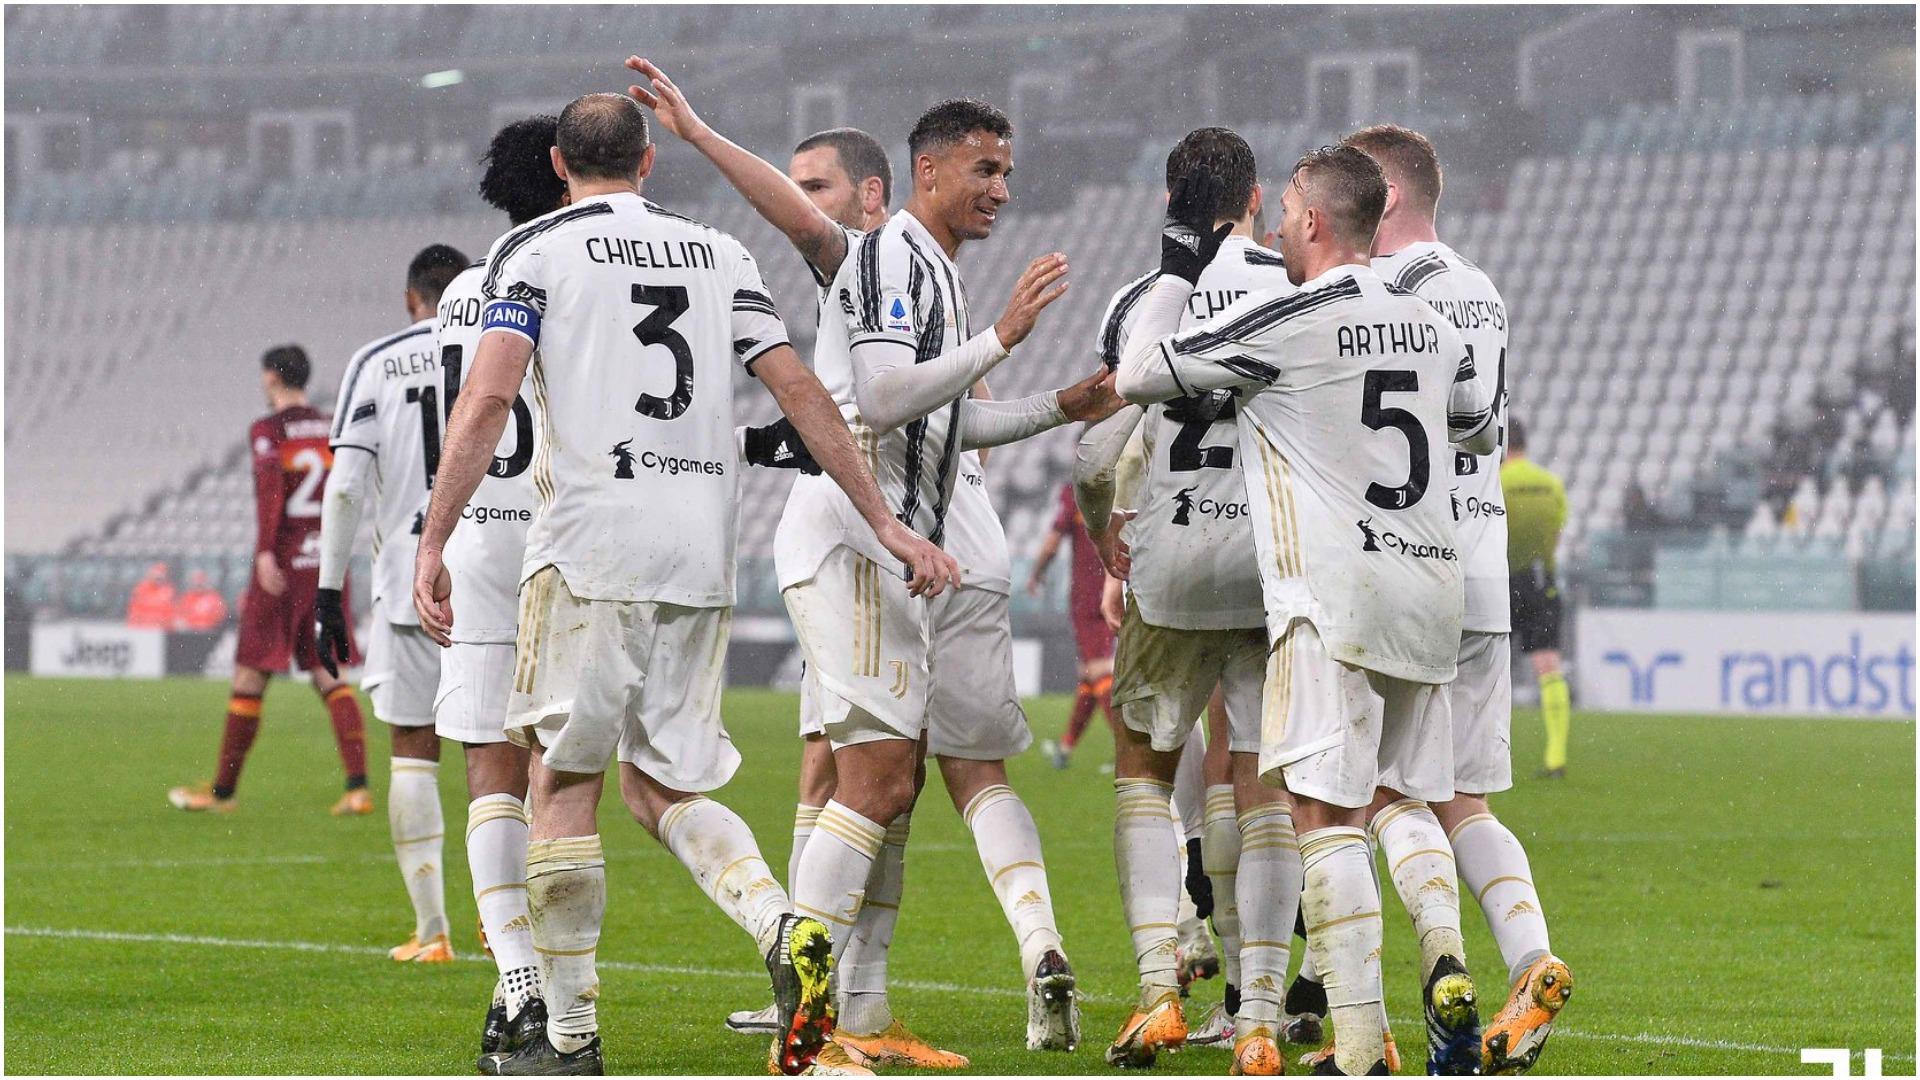 Manchester United ofertë për një bardhezi, Juventus përgjigjet direkt